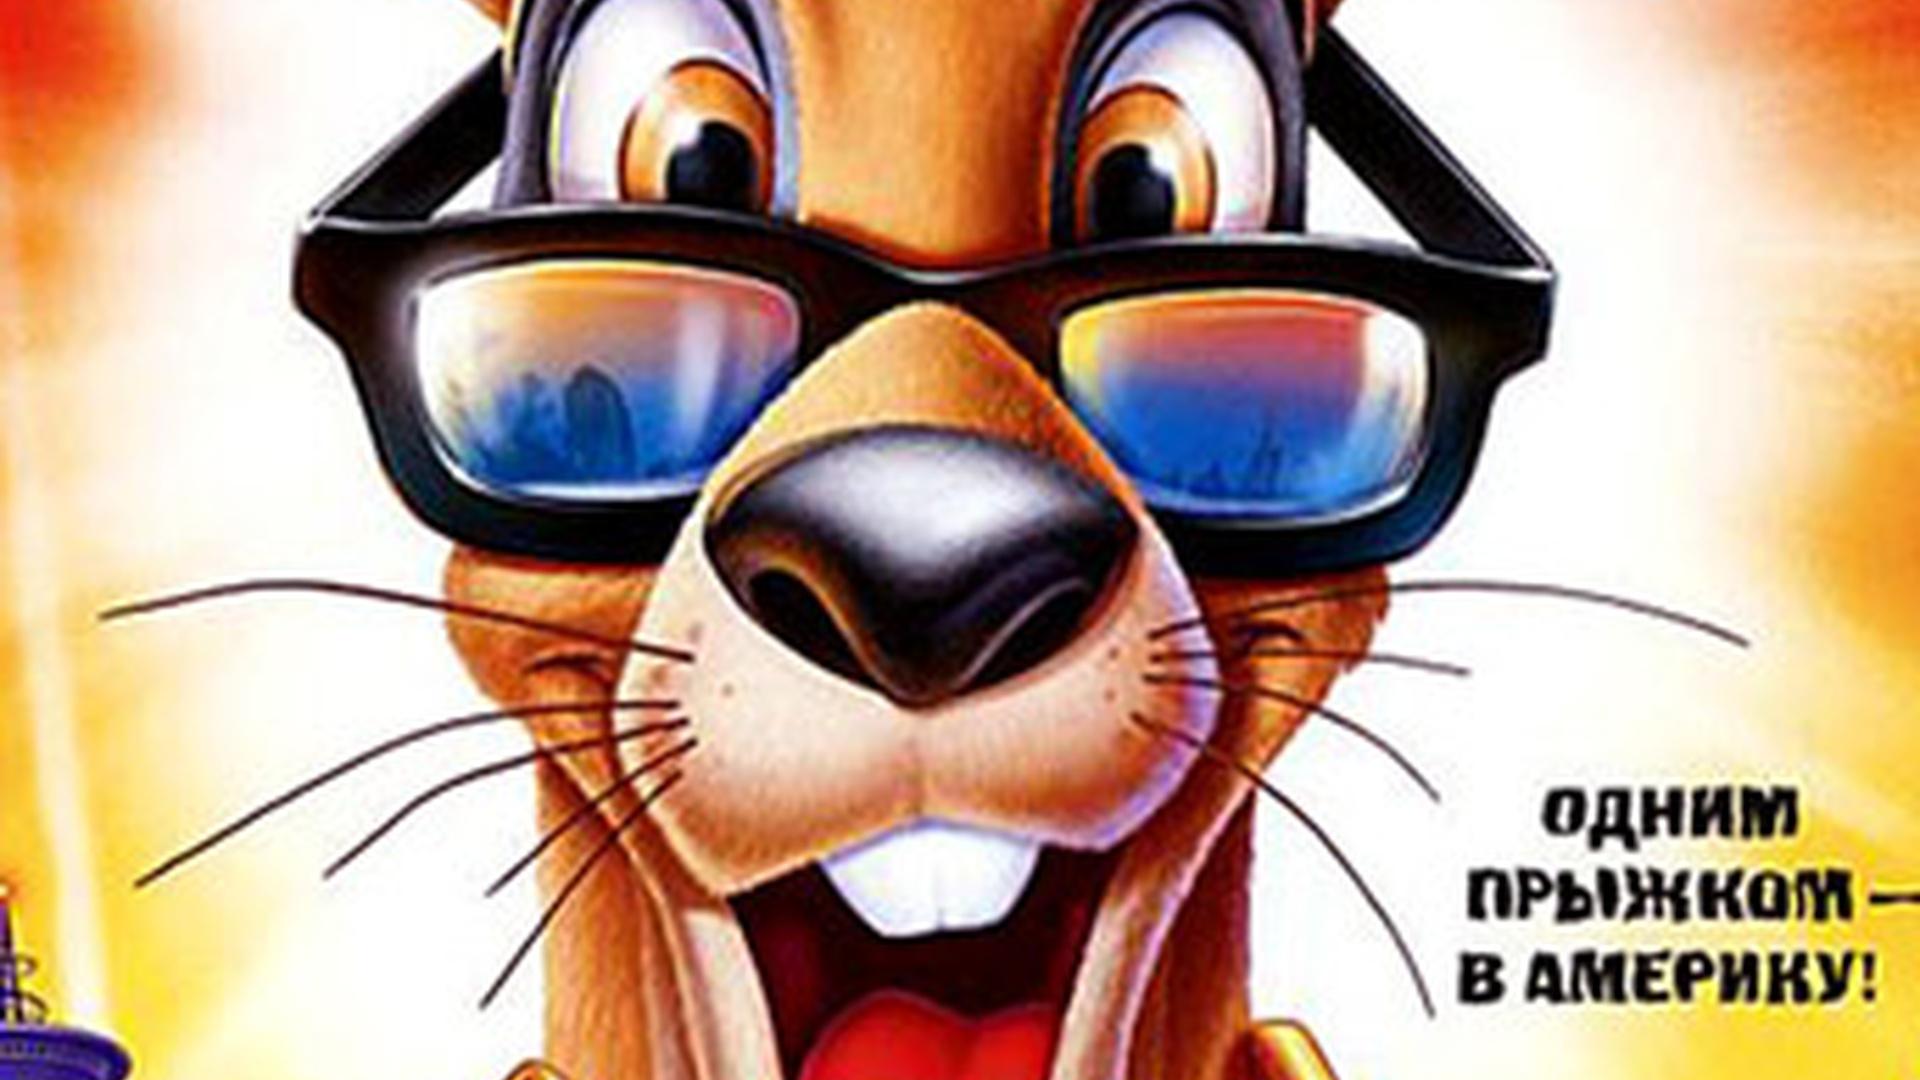 фильм кенгуру джекпот 2 смотреть онлайн в хорошем качестве